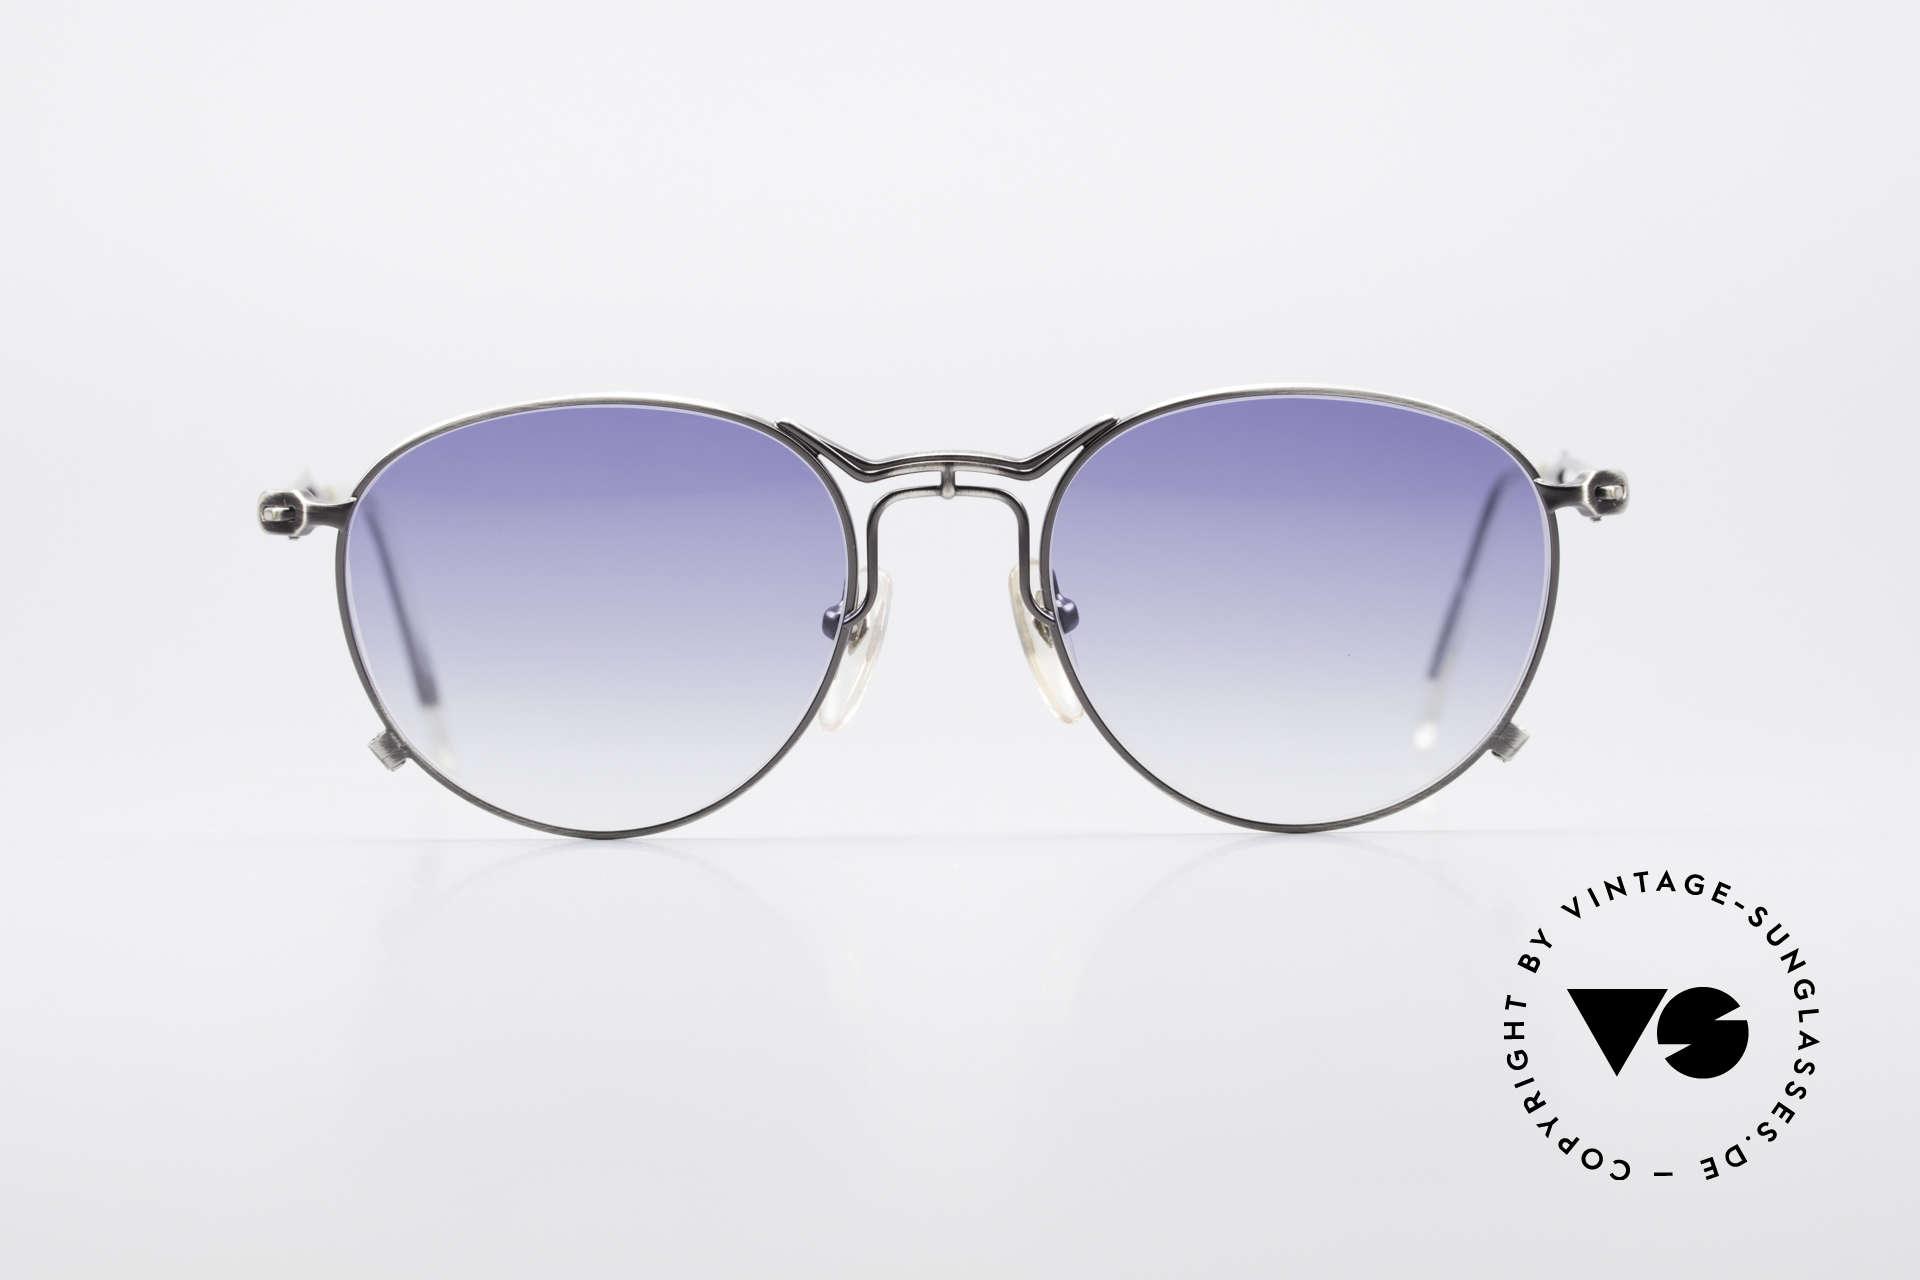 Jean Paul Gaultier 55-2177 Rare Designer Sonnenbrille, einzigartige Rahmenlackierung 'metallic smoke silver', Passend für Herren und Damen